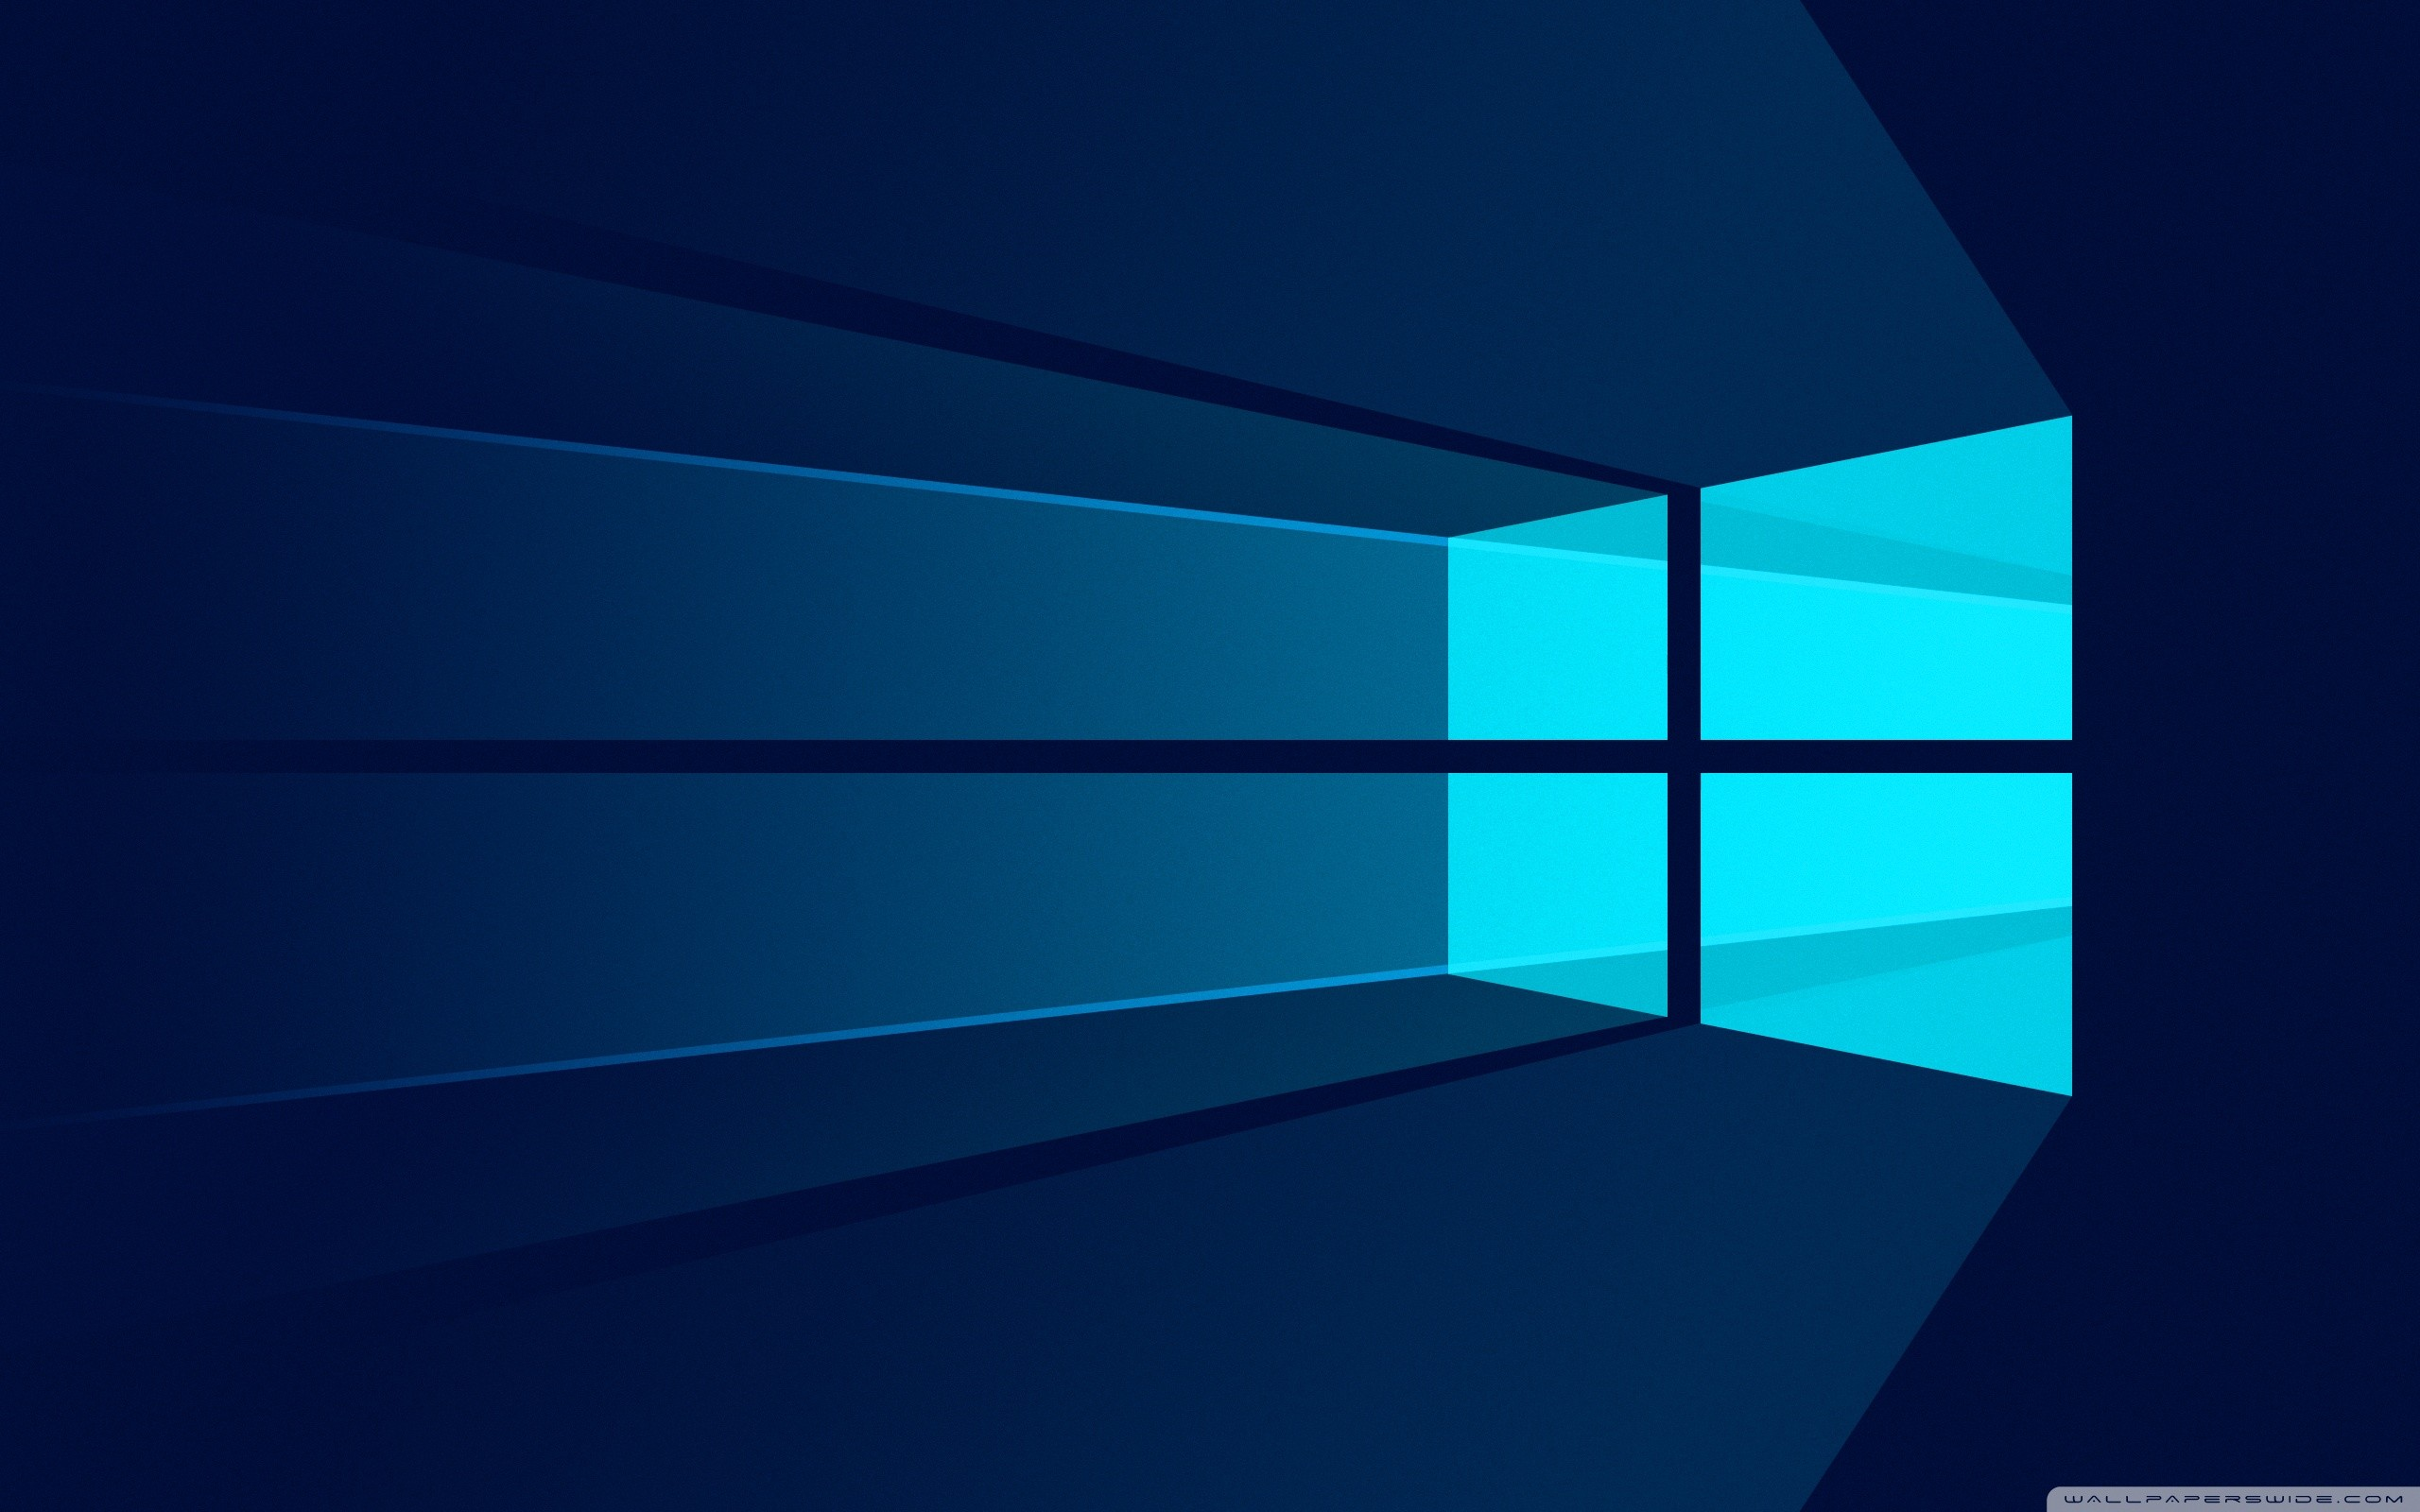 Windows 10 Wallpaper HD ·① Download Free Cool Full HD